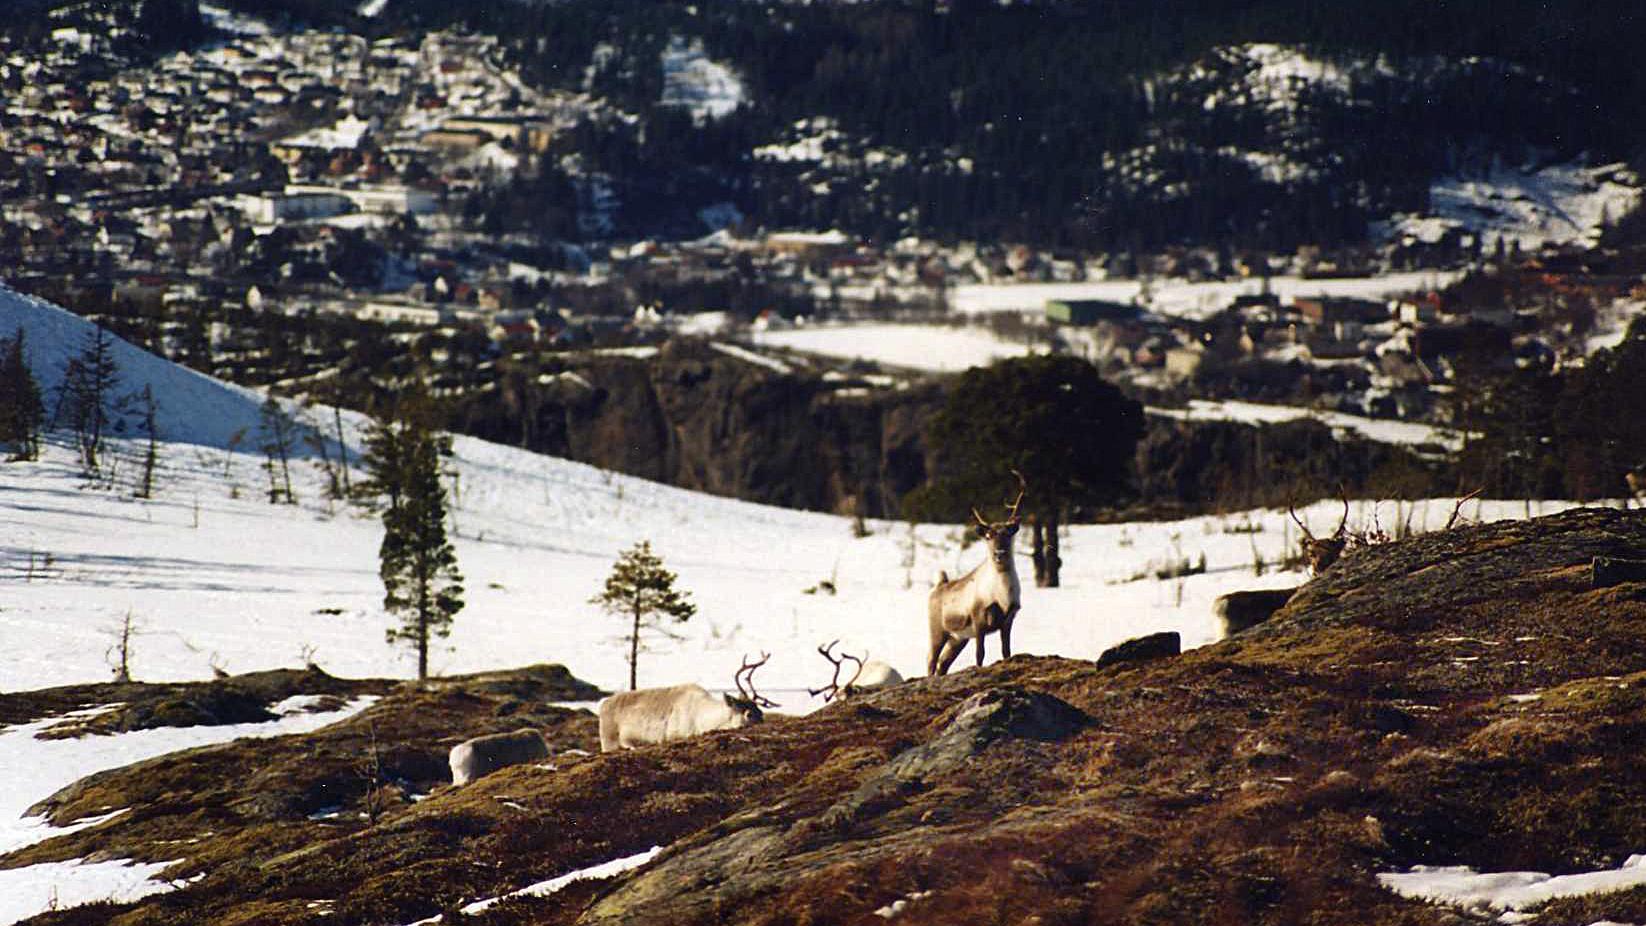 Rein i Spillumsfjellet. Kleppen og Bjørum ses i bakgrunnen - Nils Roger Duna.